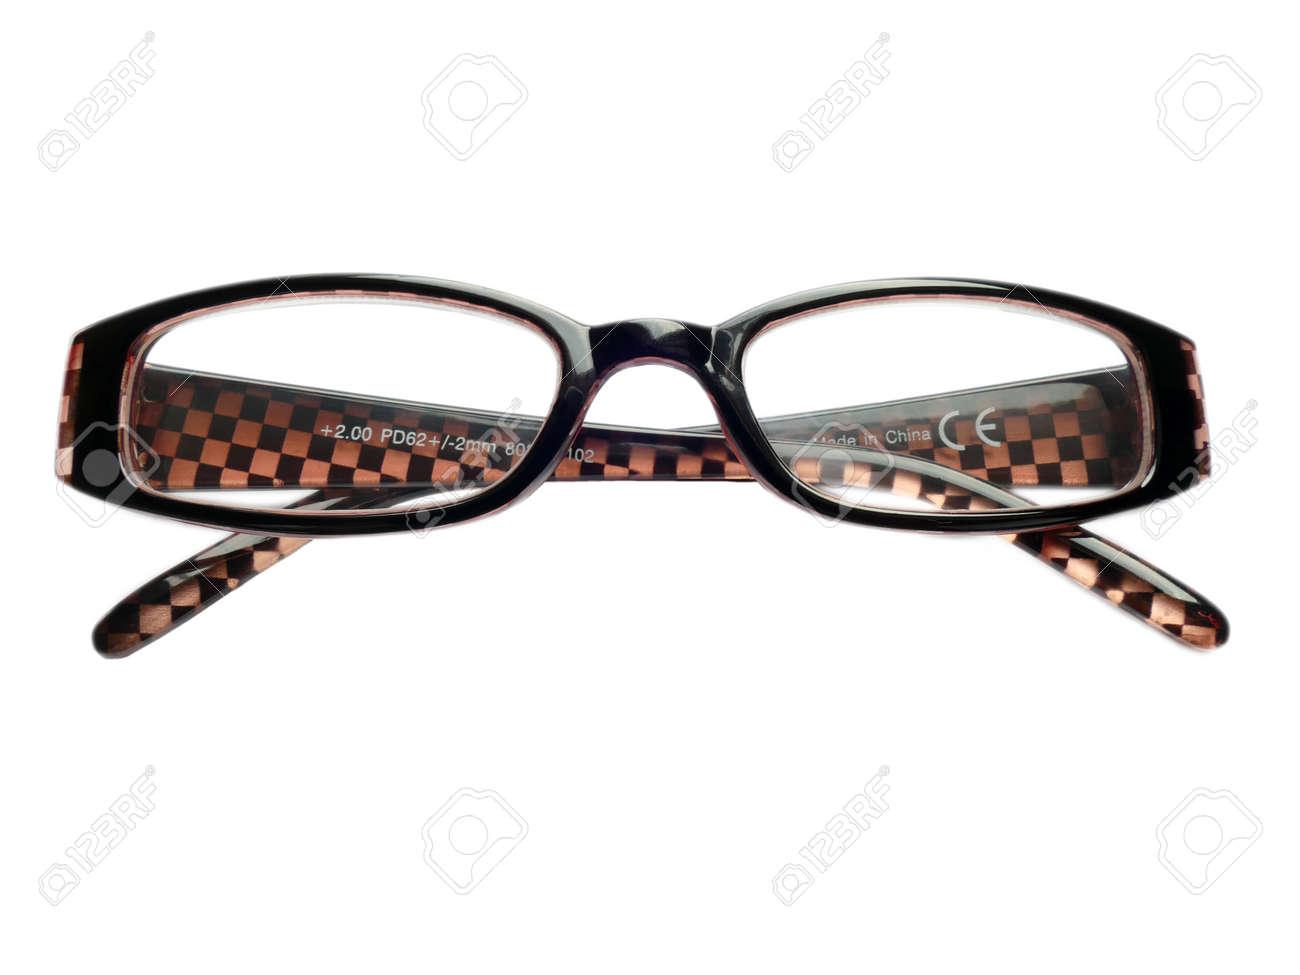 Paar Brillen, Lesebrillen, Brillenfassungen, 2,0 Isoliert Auf Weiß ...